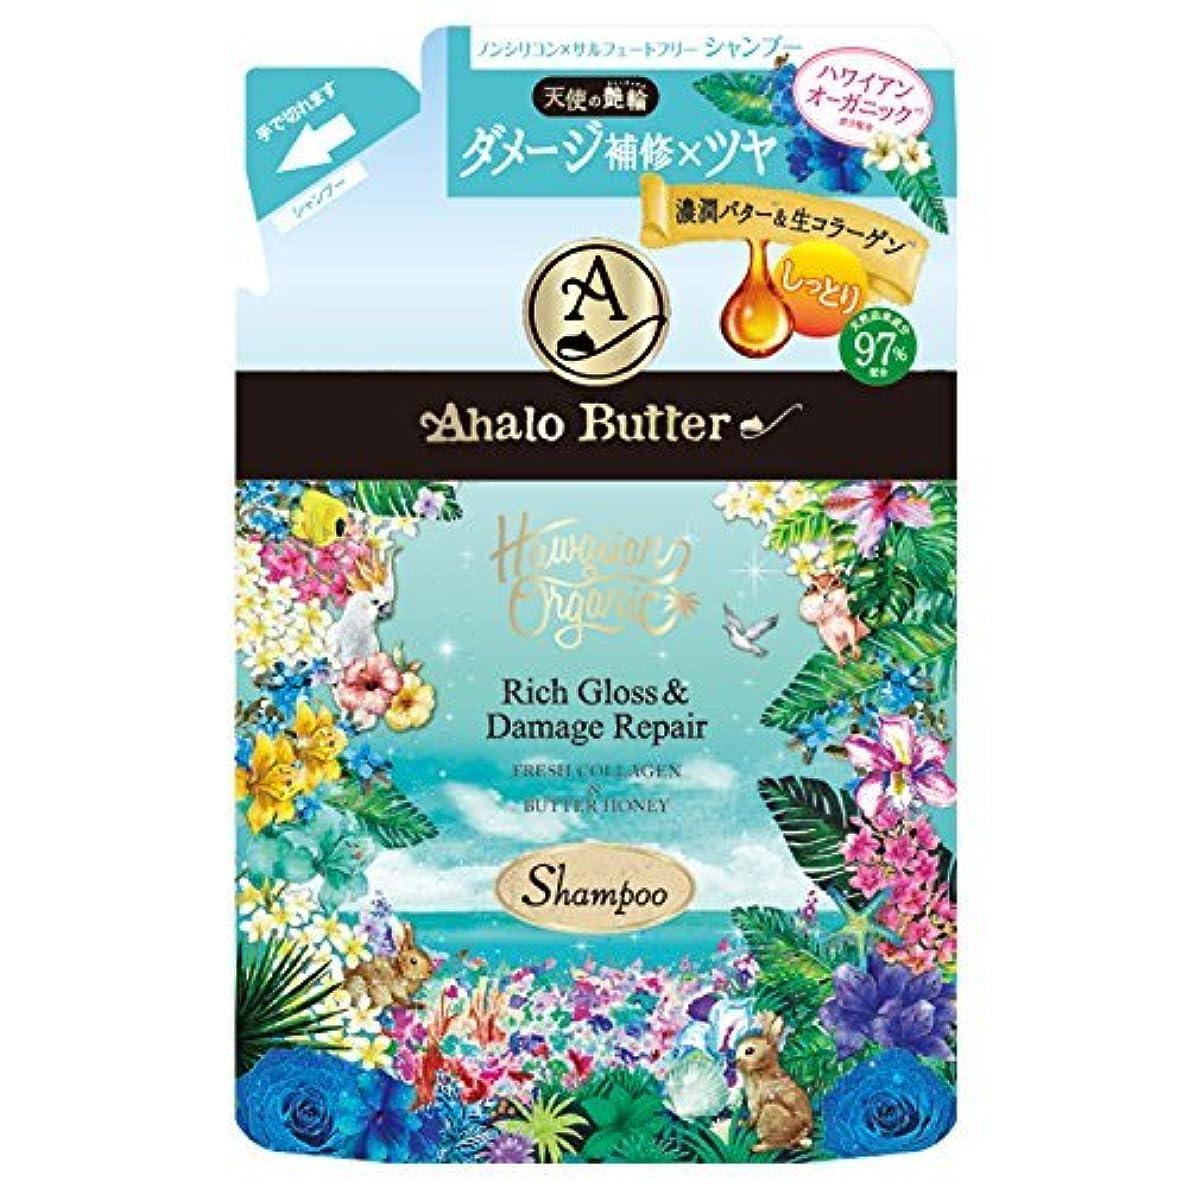 血まみれフラップパステルAhalo butter(アハロバター) ハワイアンオーガニック リッチグロス&ダメージリペア モイストシャンプー / 詰め替え / 400ml